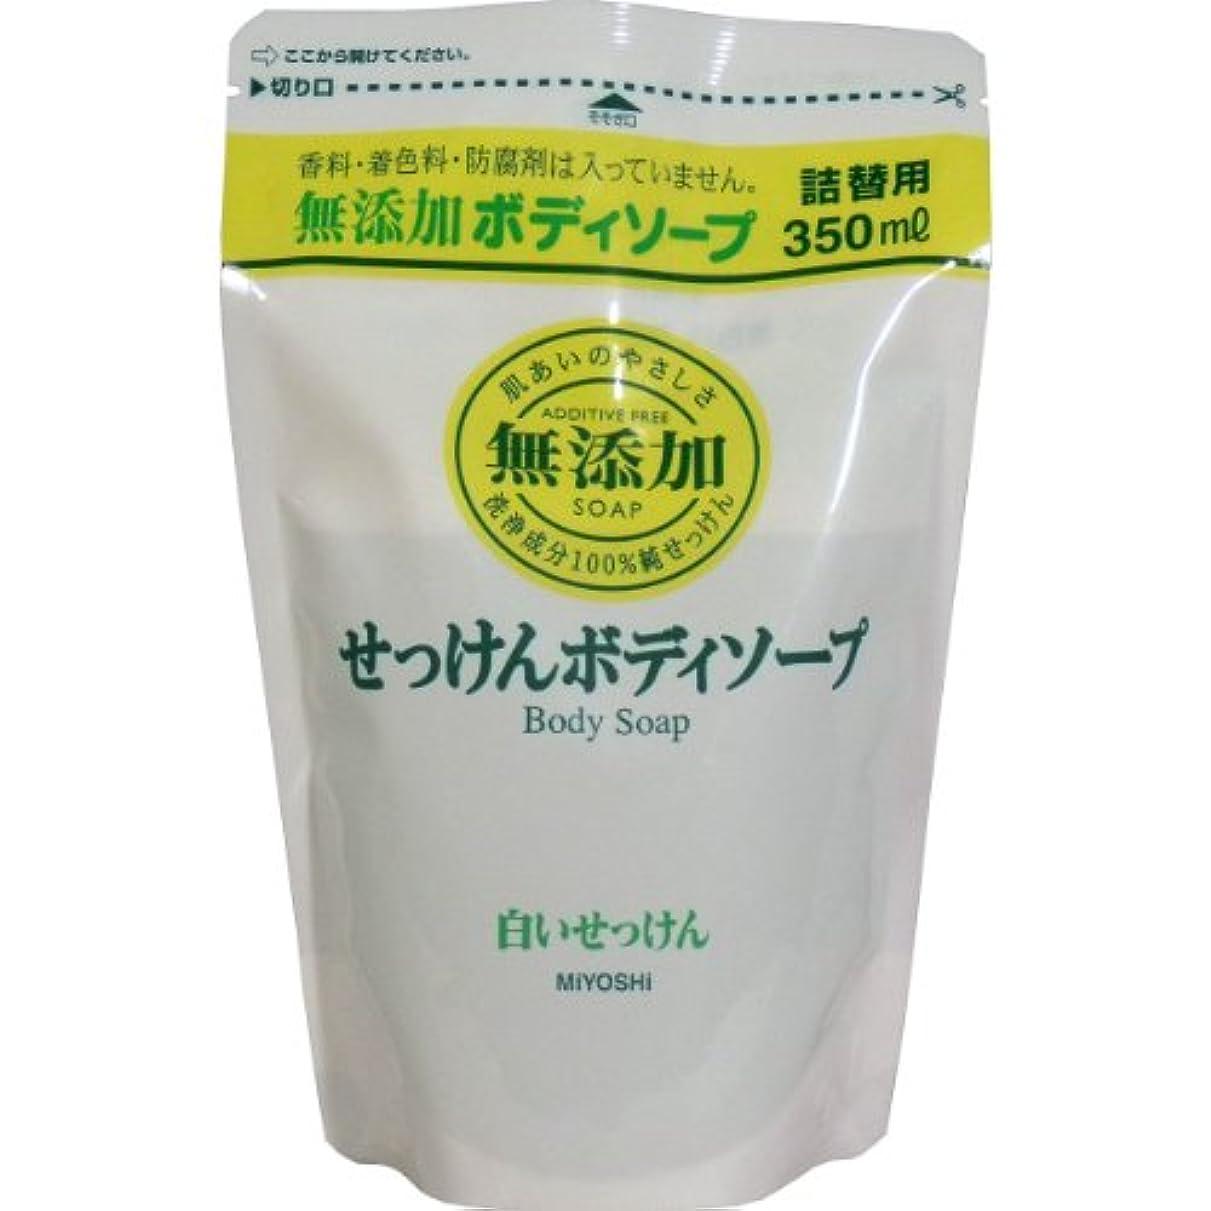 グラマービルダーフォーマット無添加 ボディソープ 白い石けん つめかえ用 350ml(無添加石鹸) 7セット